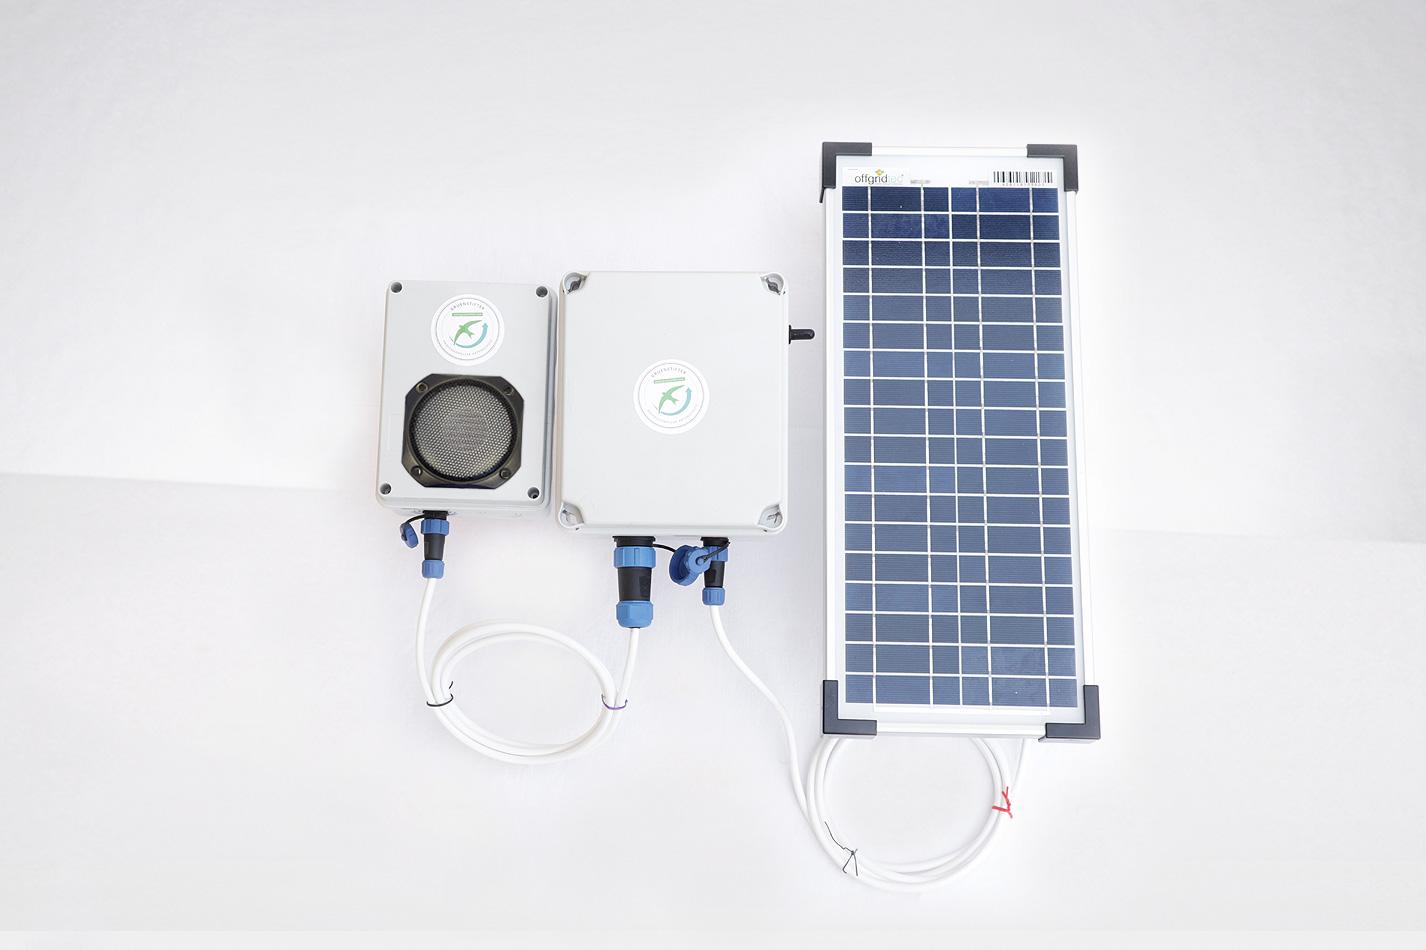 Klangattrappe Solarmodul und Akku zum Abspielen von Vogelrufen